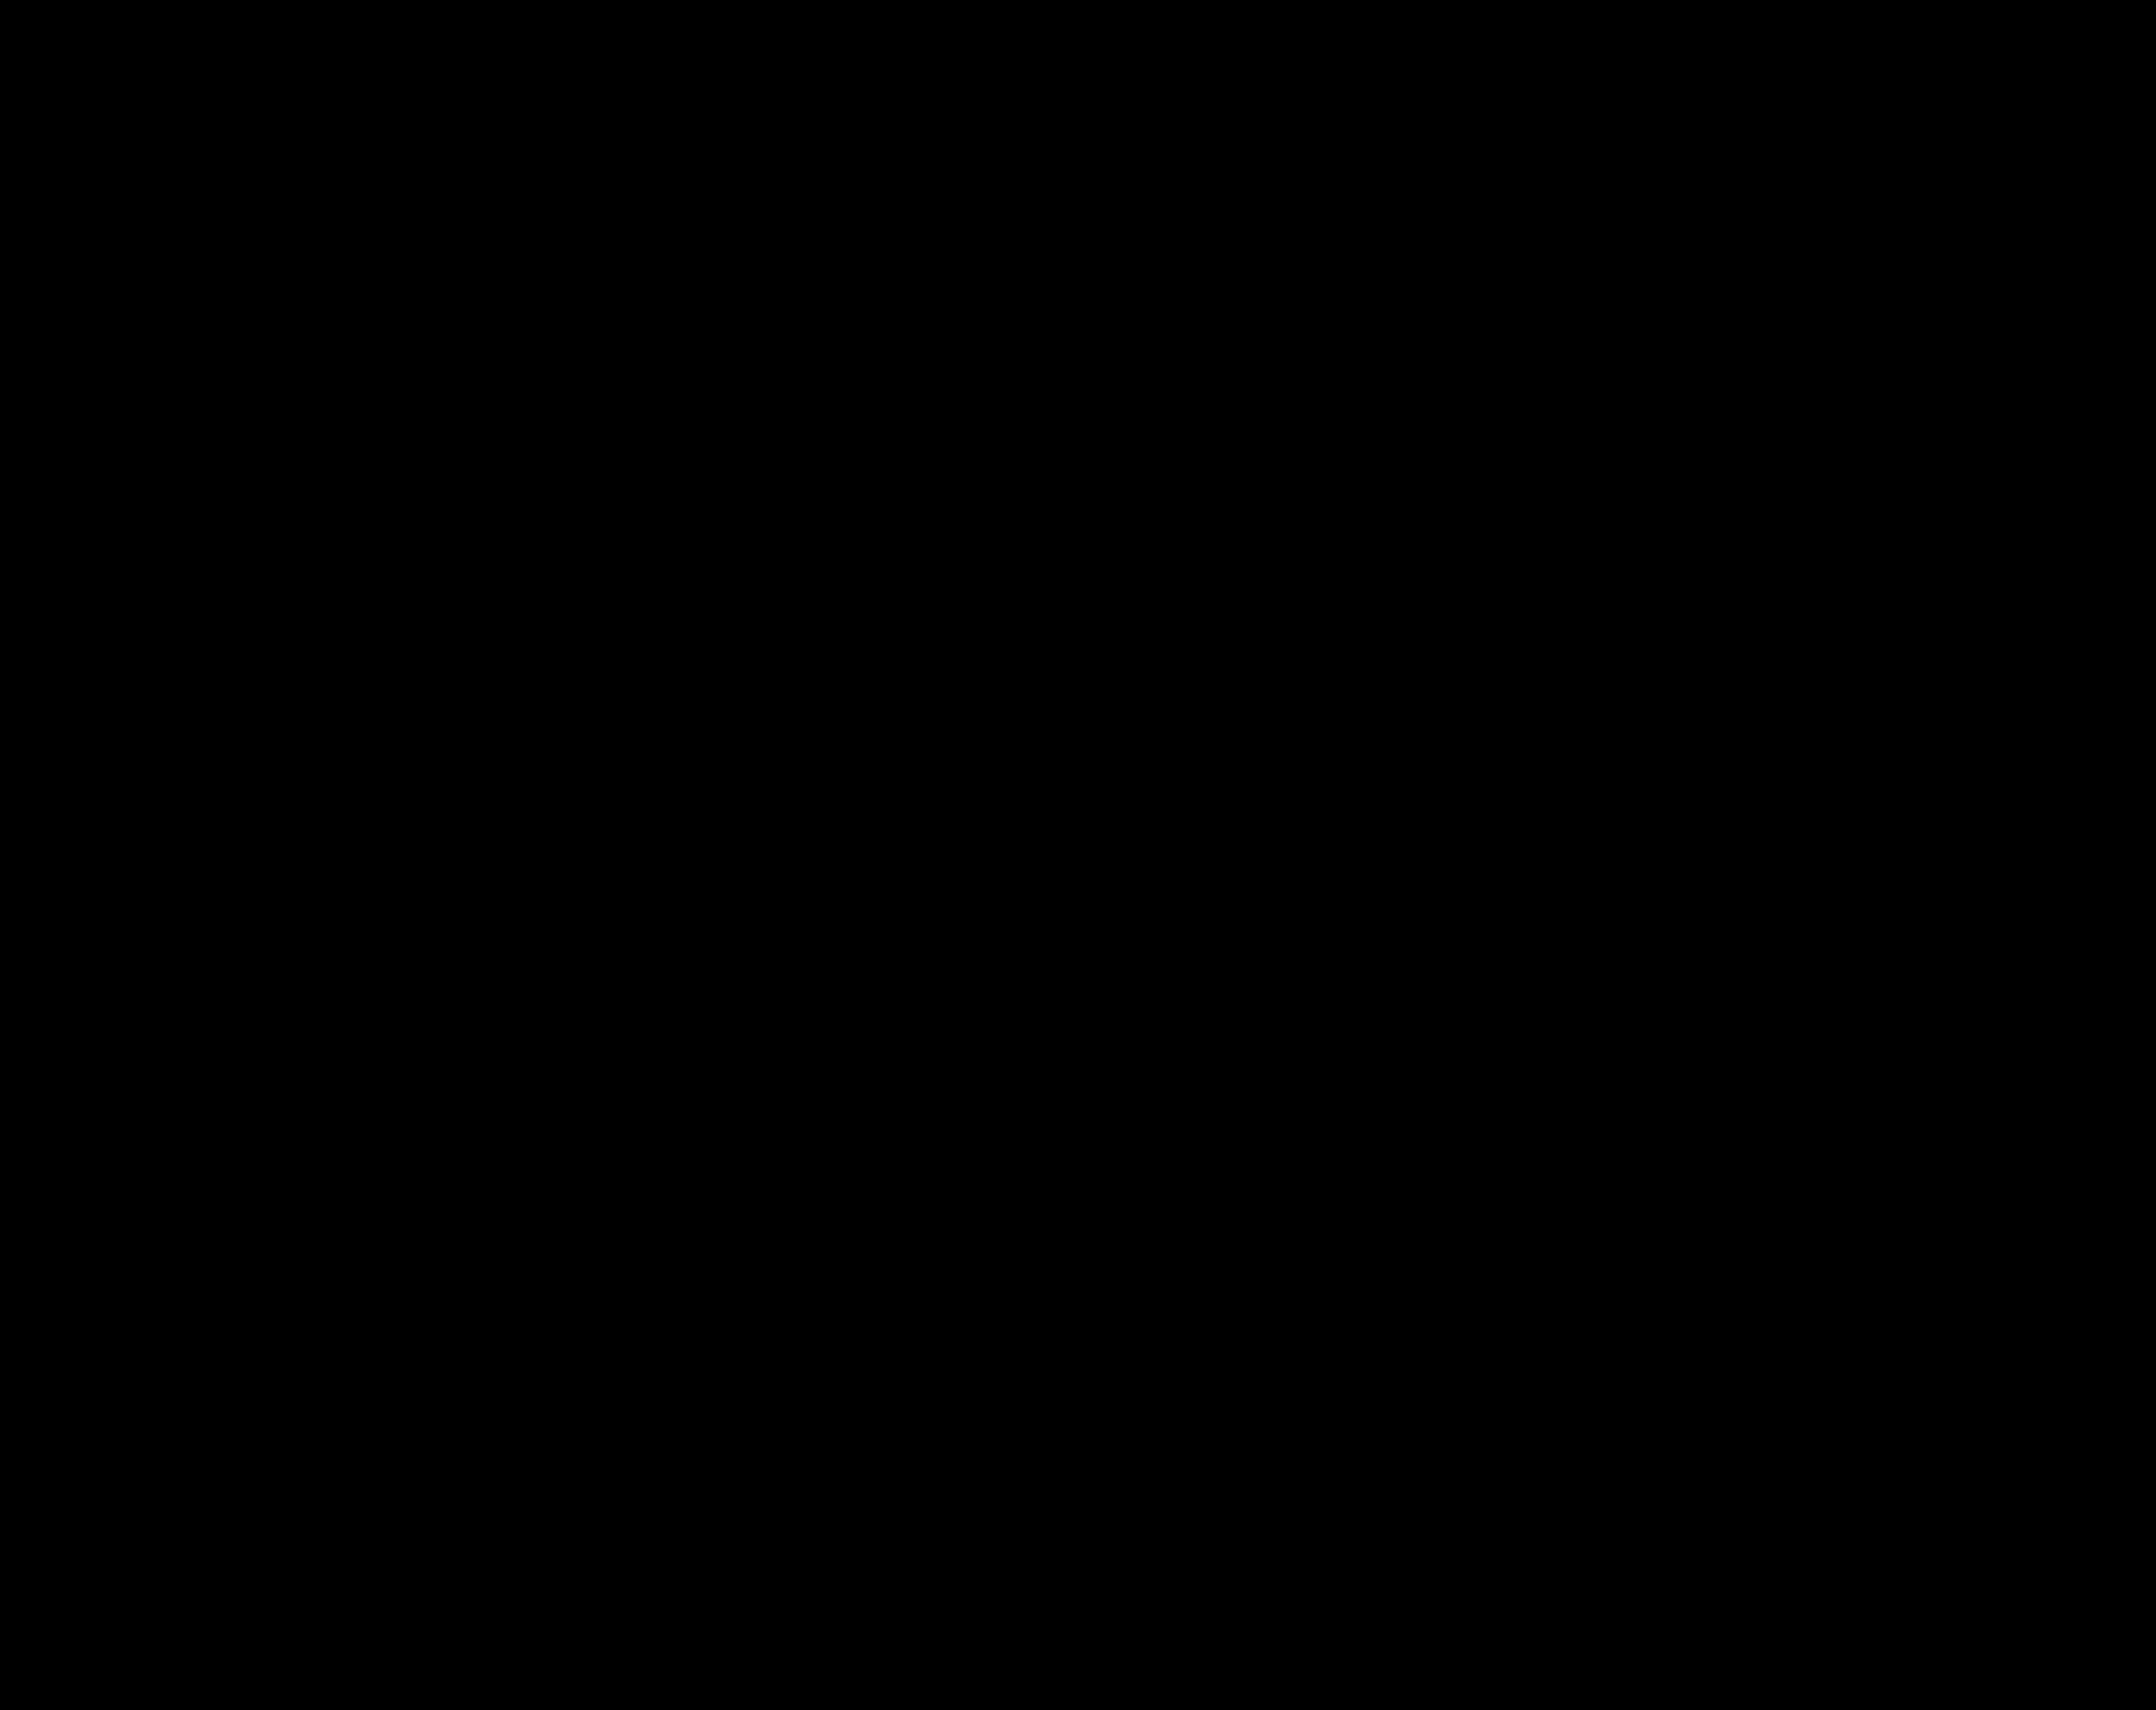 Dreiecke_Website_Pyramide_klein